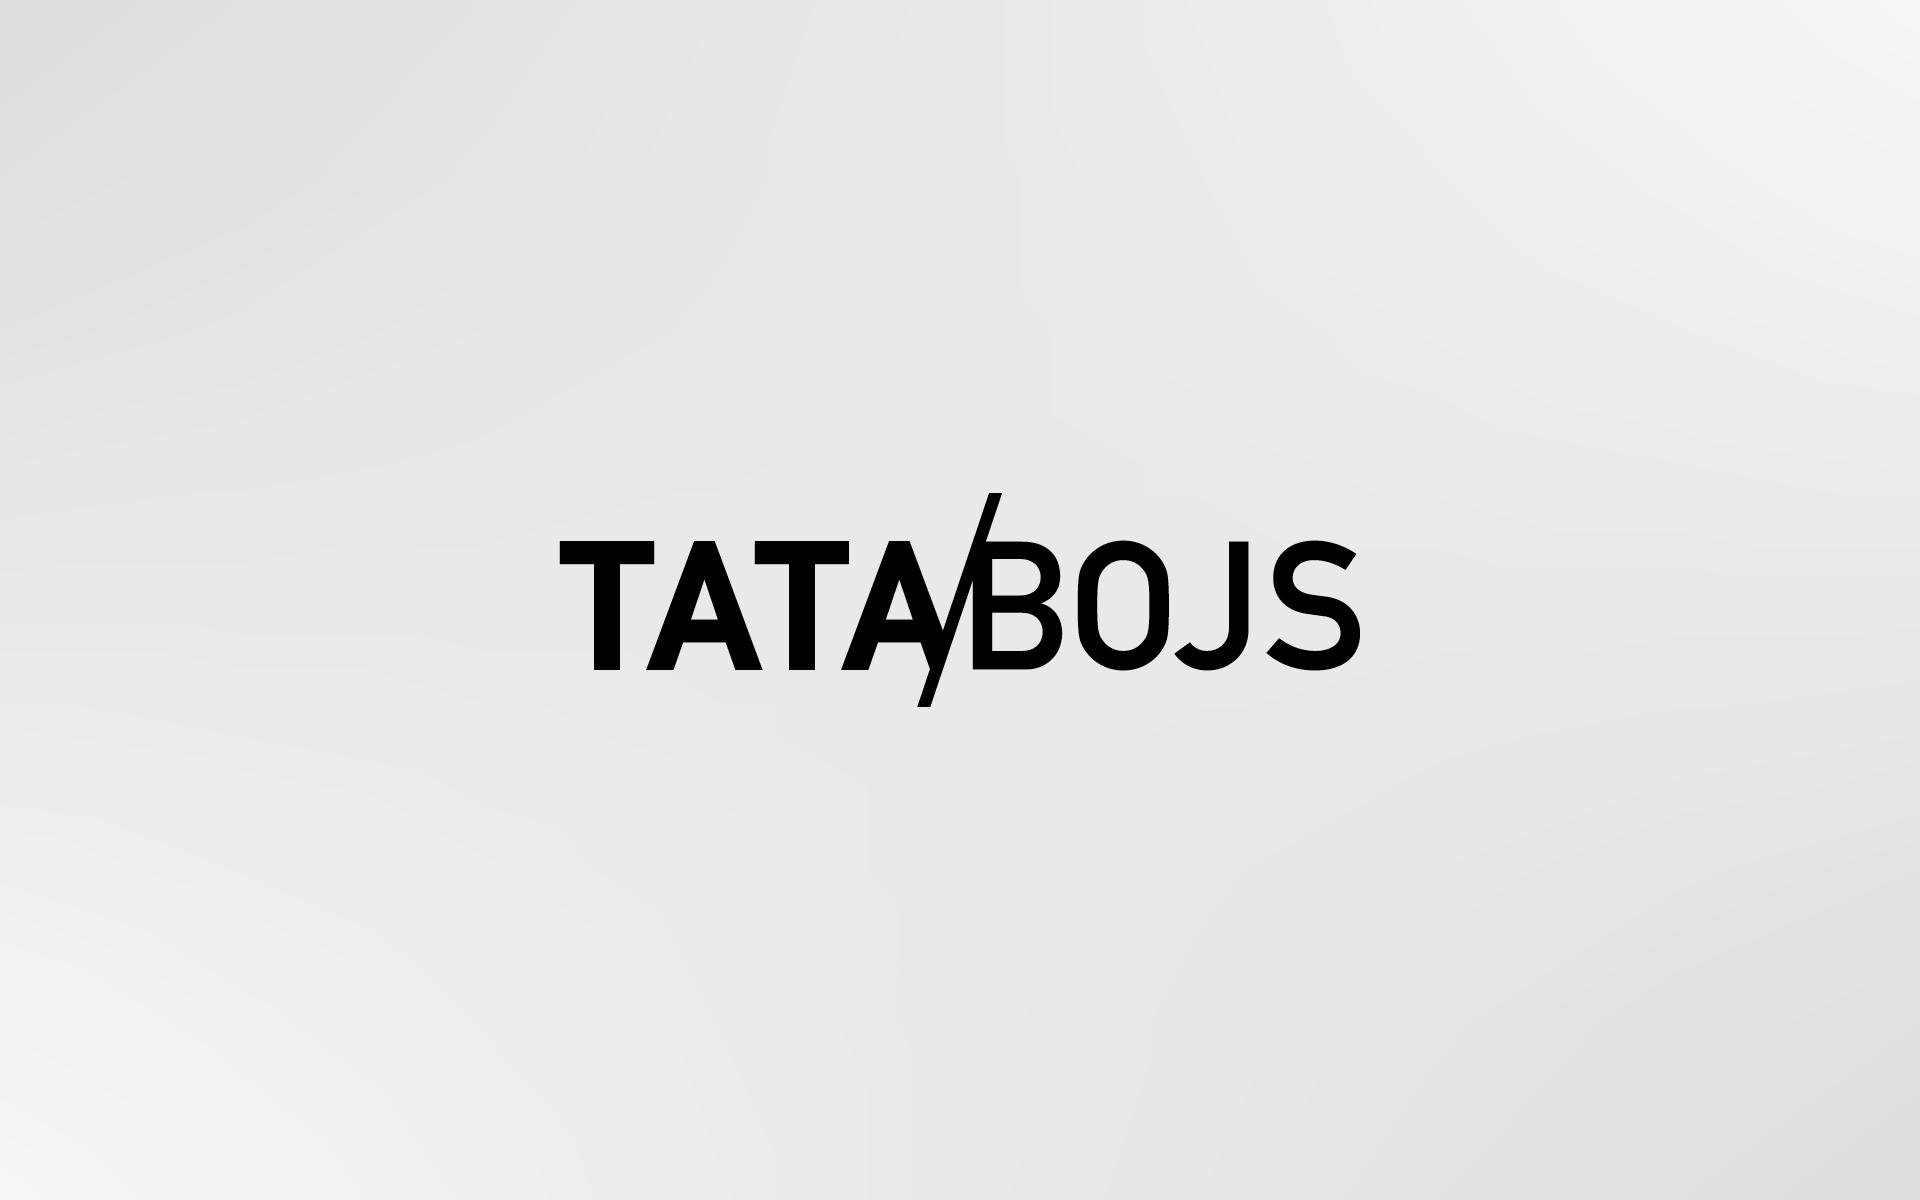 2004-TataBojs-logo